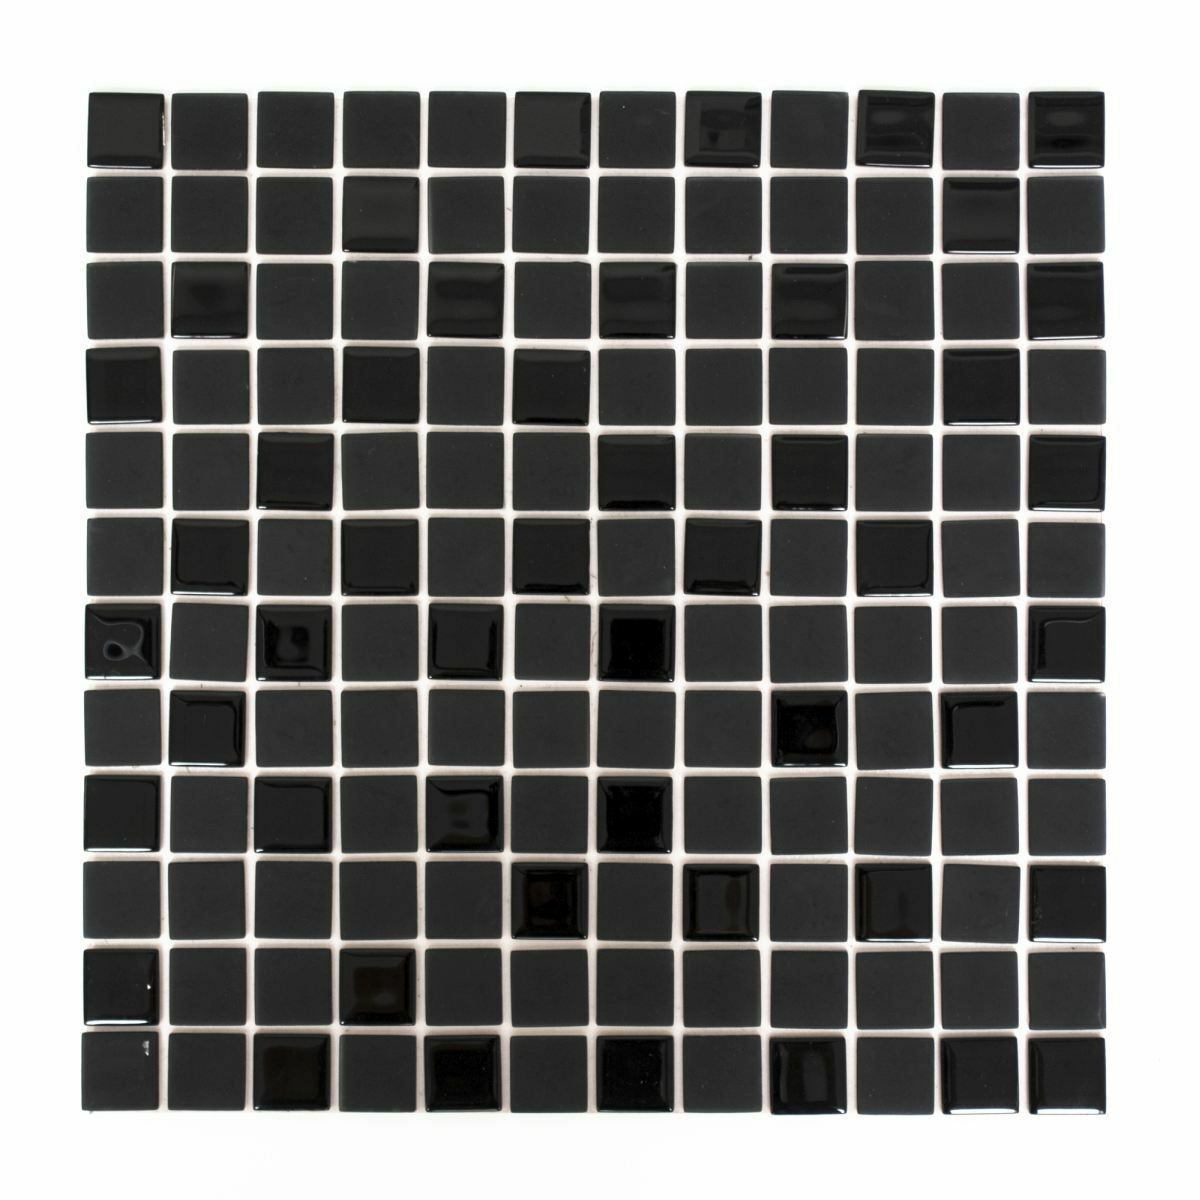 Fliesen Selbstklebende Glasmosaik Kuchenruckwand Grau Schwarz Weiss 200 4cm2810 Matten Heimwerker Anakui Com